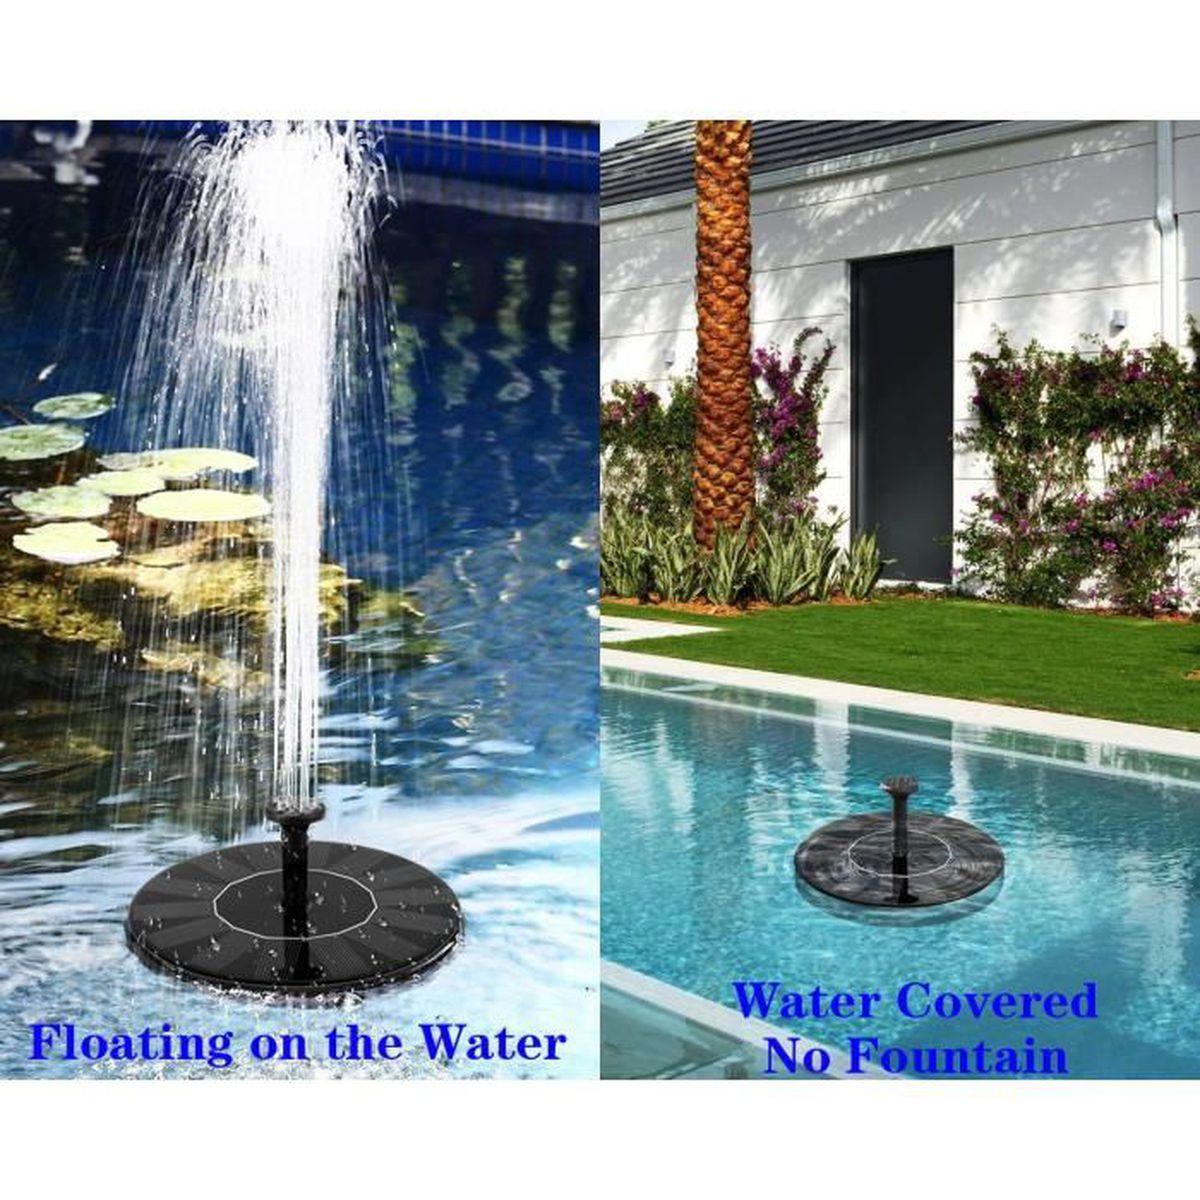 Faire Une Cascade Sans Pompe fontaine solaire, 42gal/h pompe � eau solaire avec panneau solaire de 8  mod�les d'eau--id�al pour jardin bassin fontaines d'etang